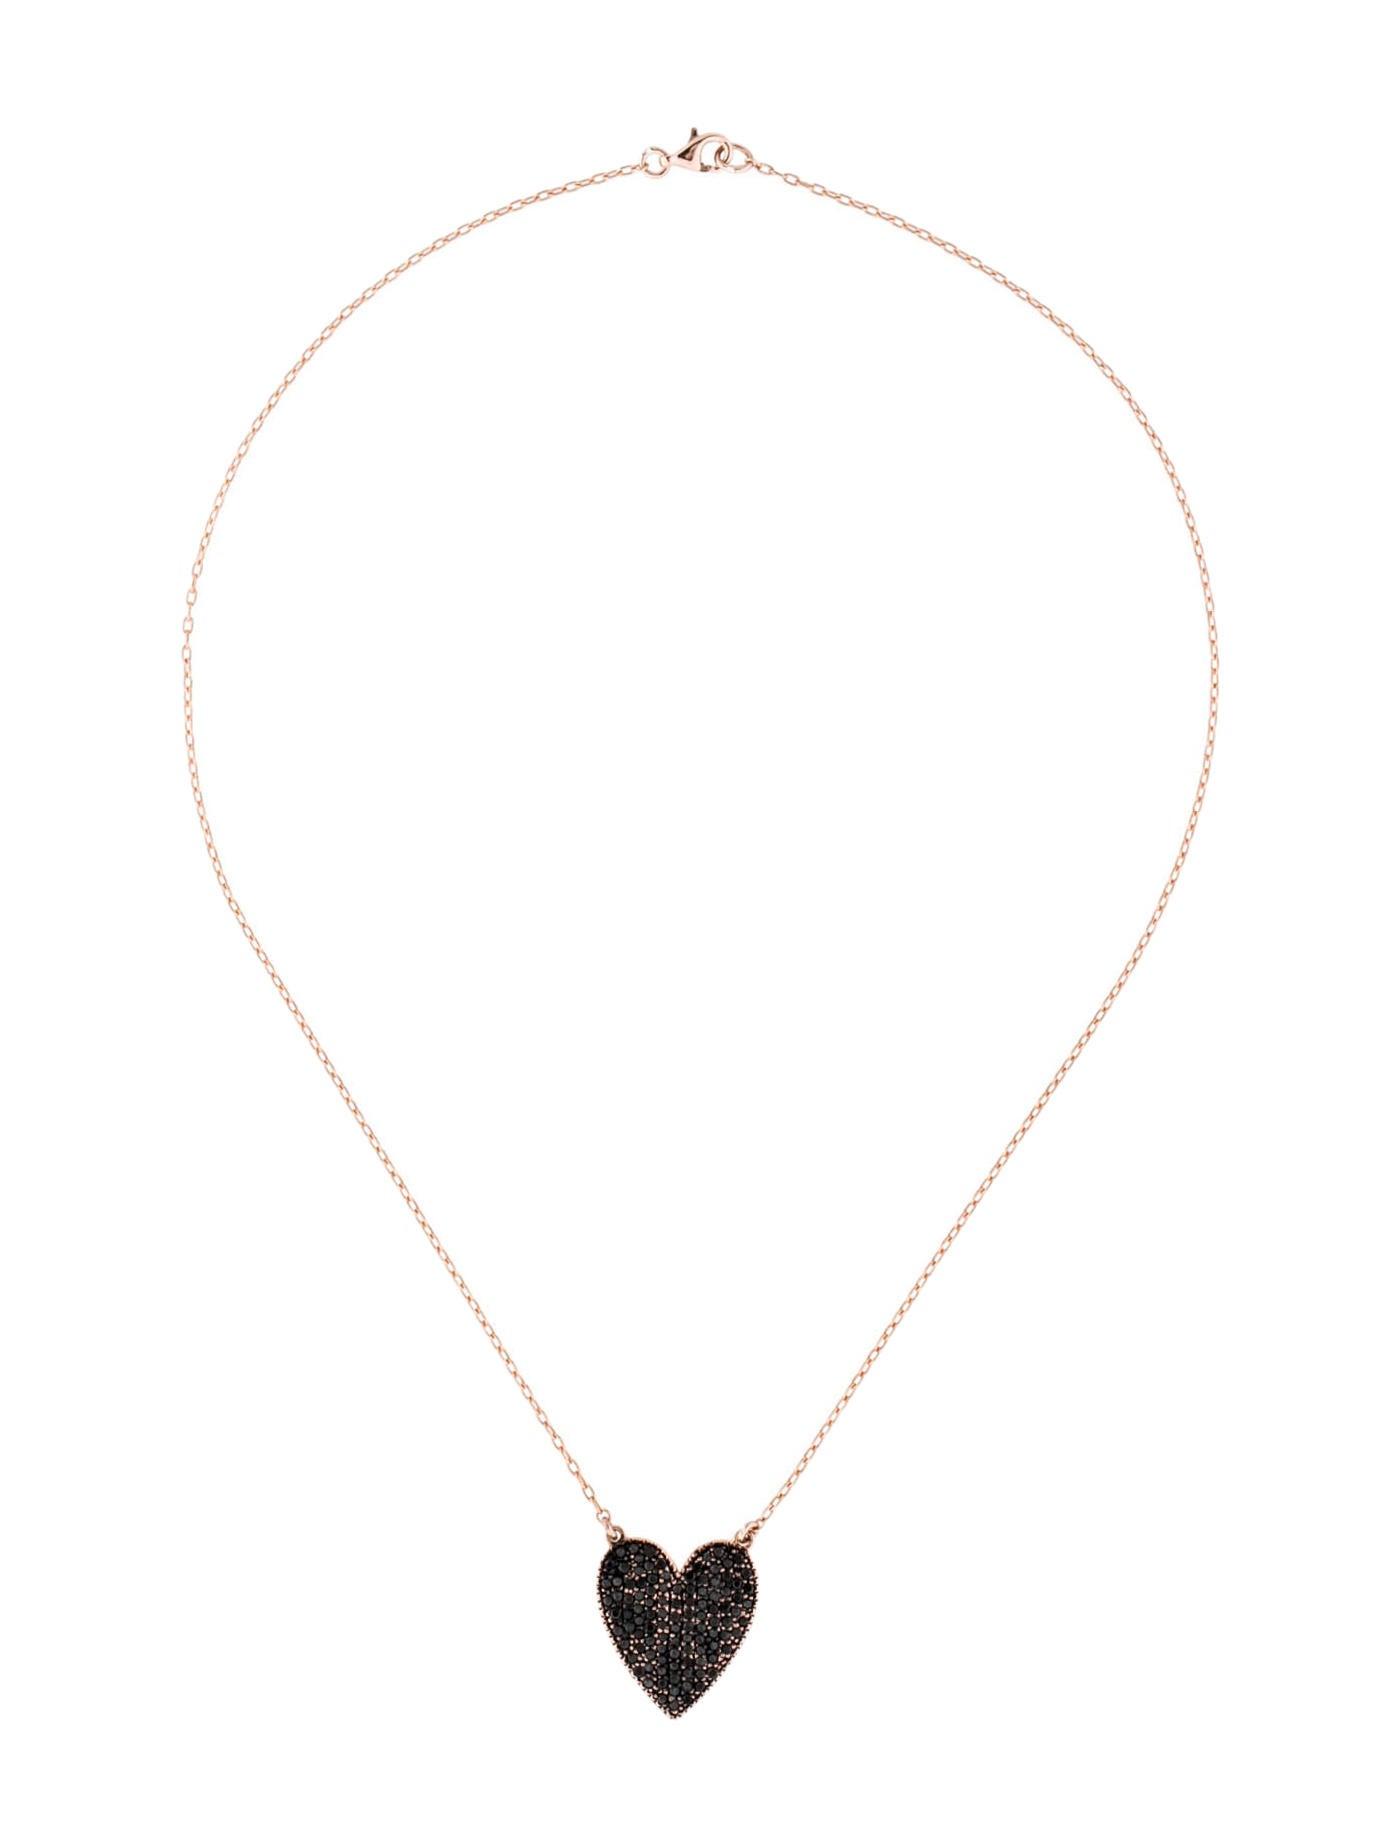 Jennifer Fisher 14K Black Diamond Heart Pendant Necklace